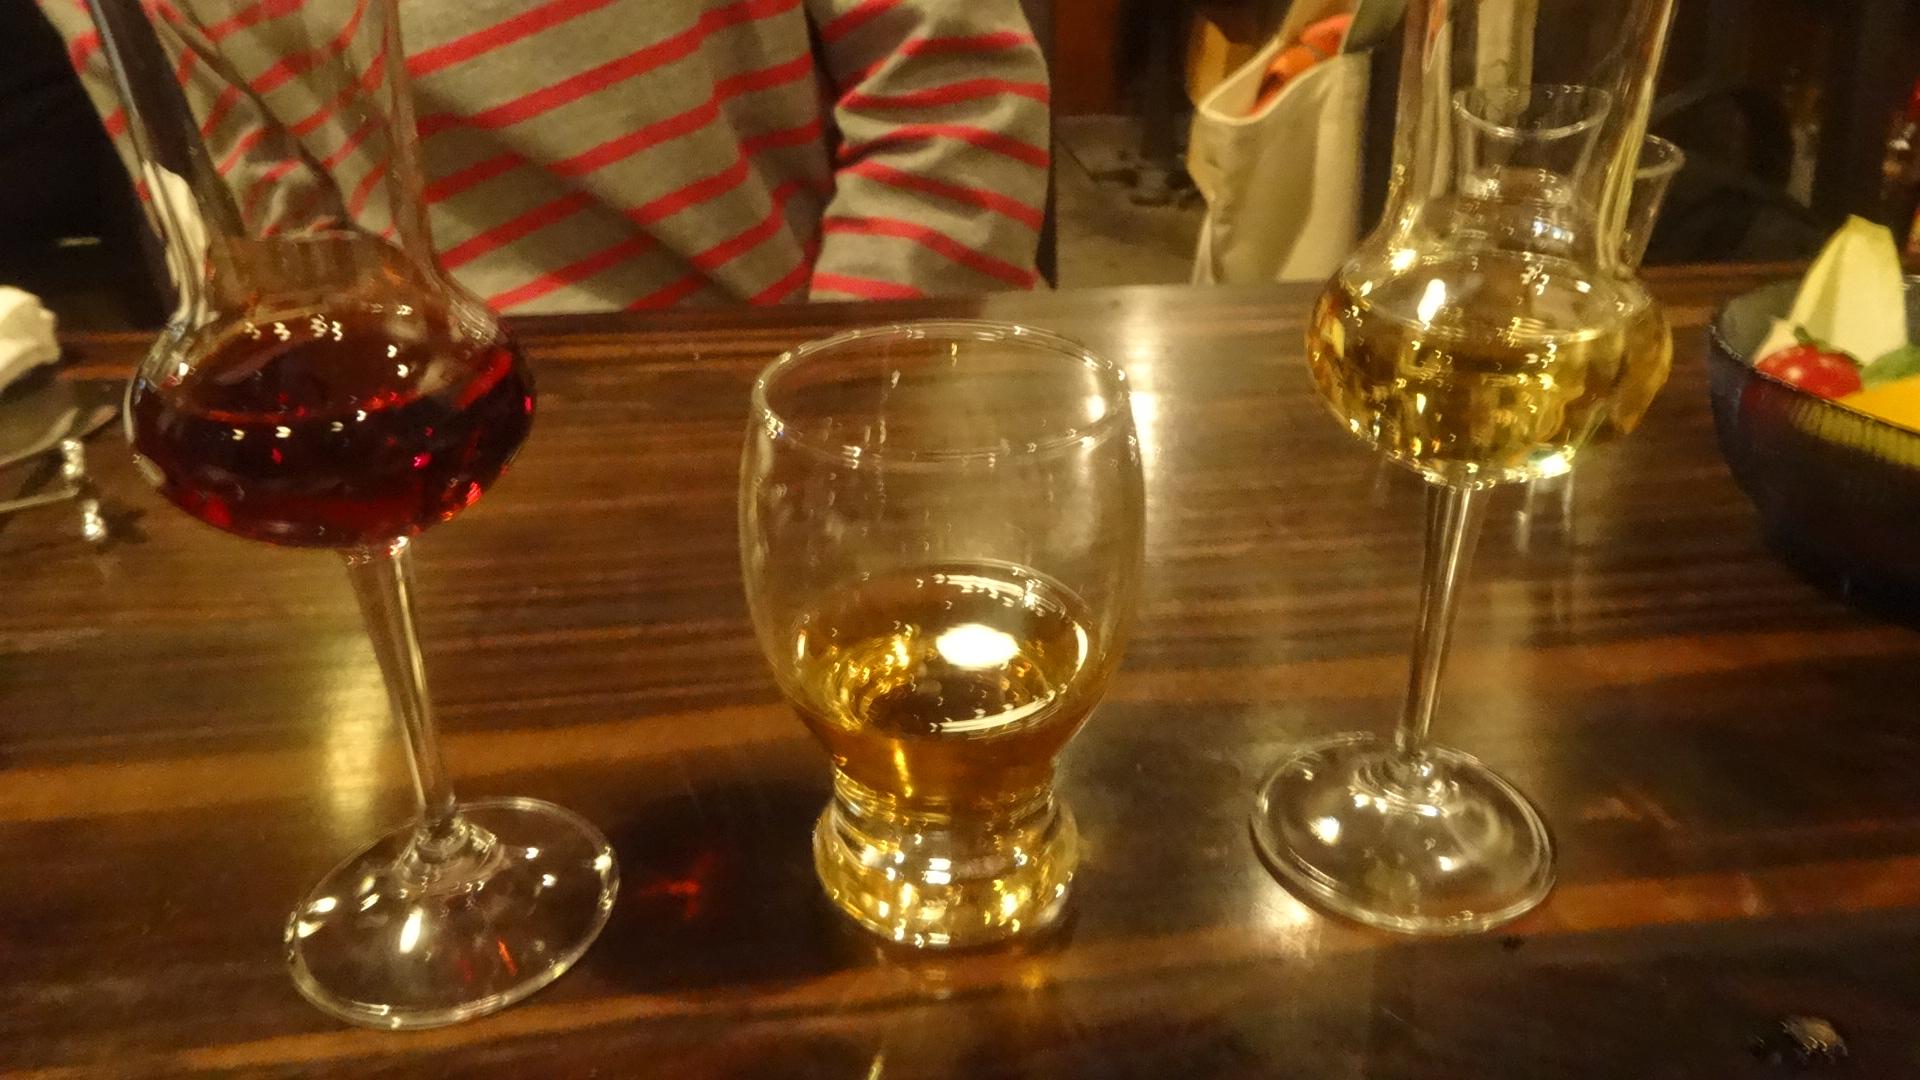 並んだ食後酒のグラス